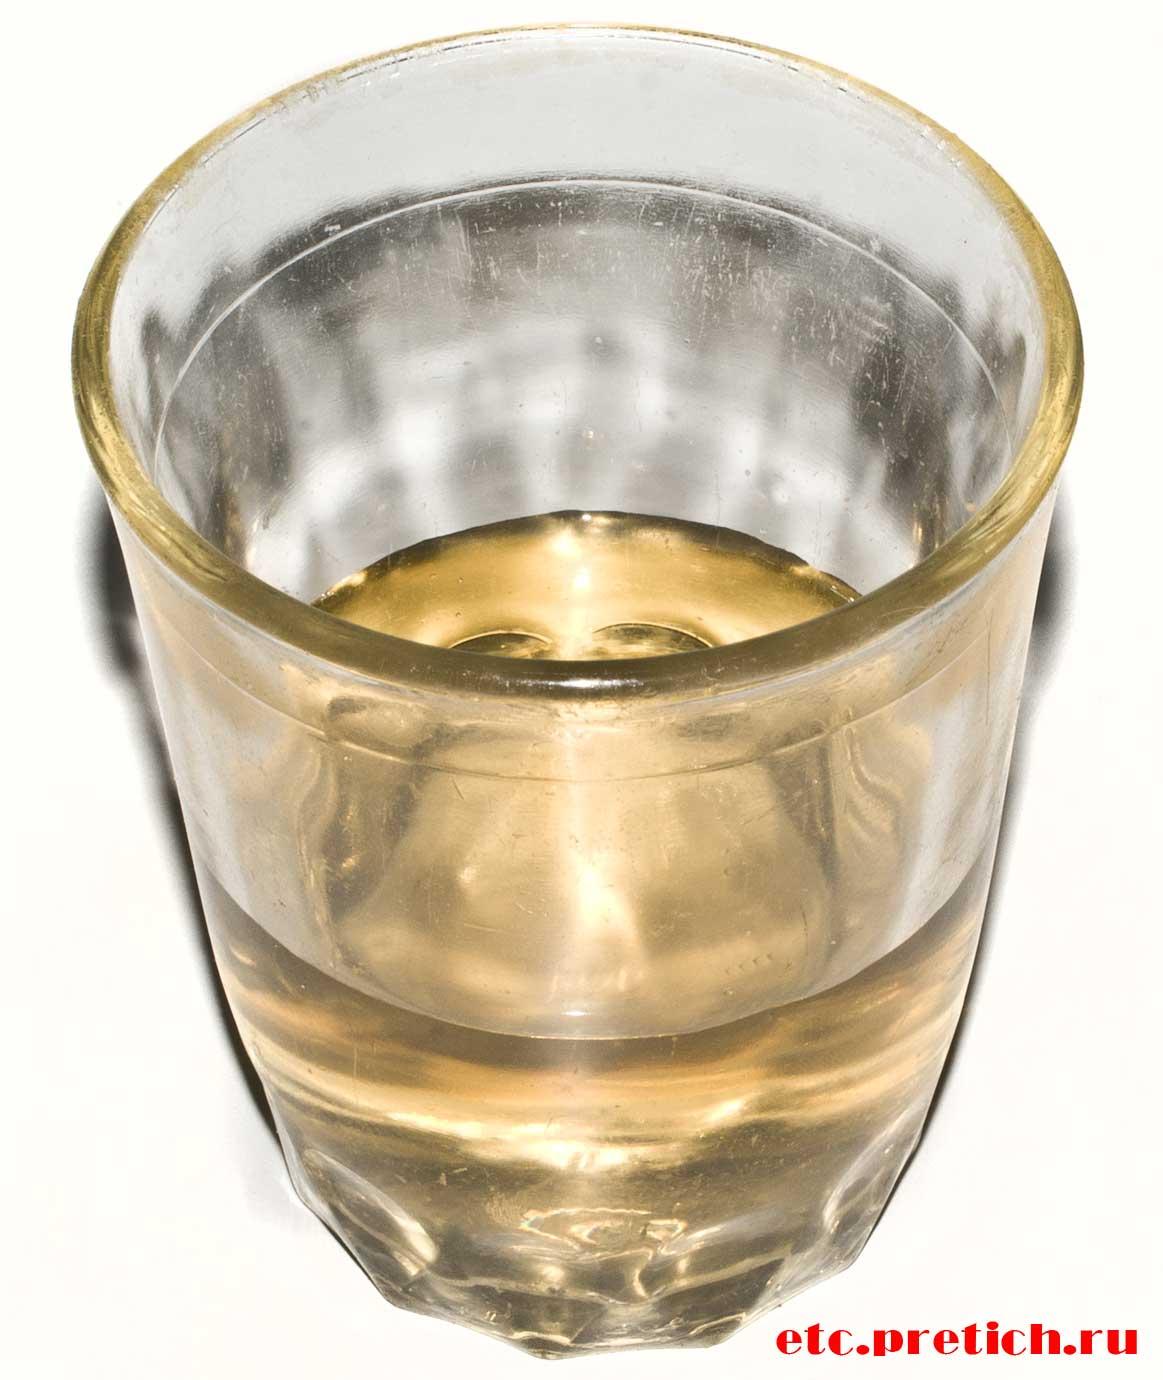 Лоза живая отзыв и впечатление на крепкое вино за копейки для маргиналов